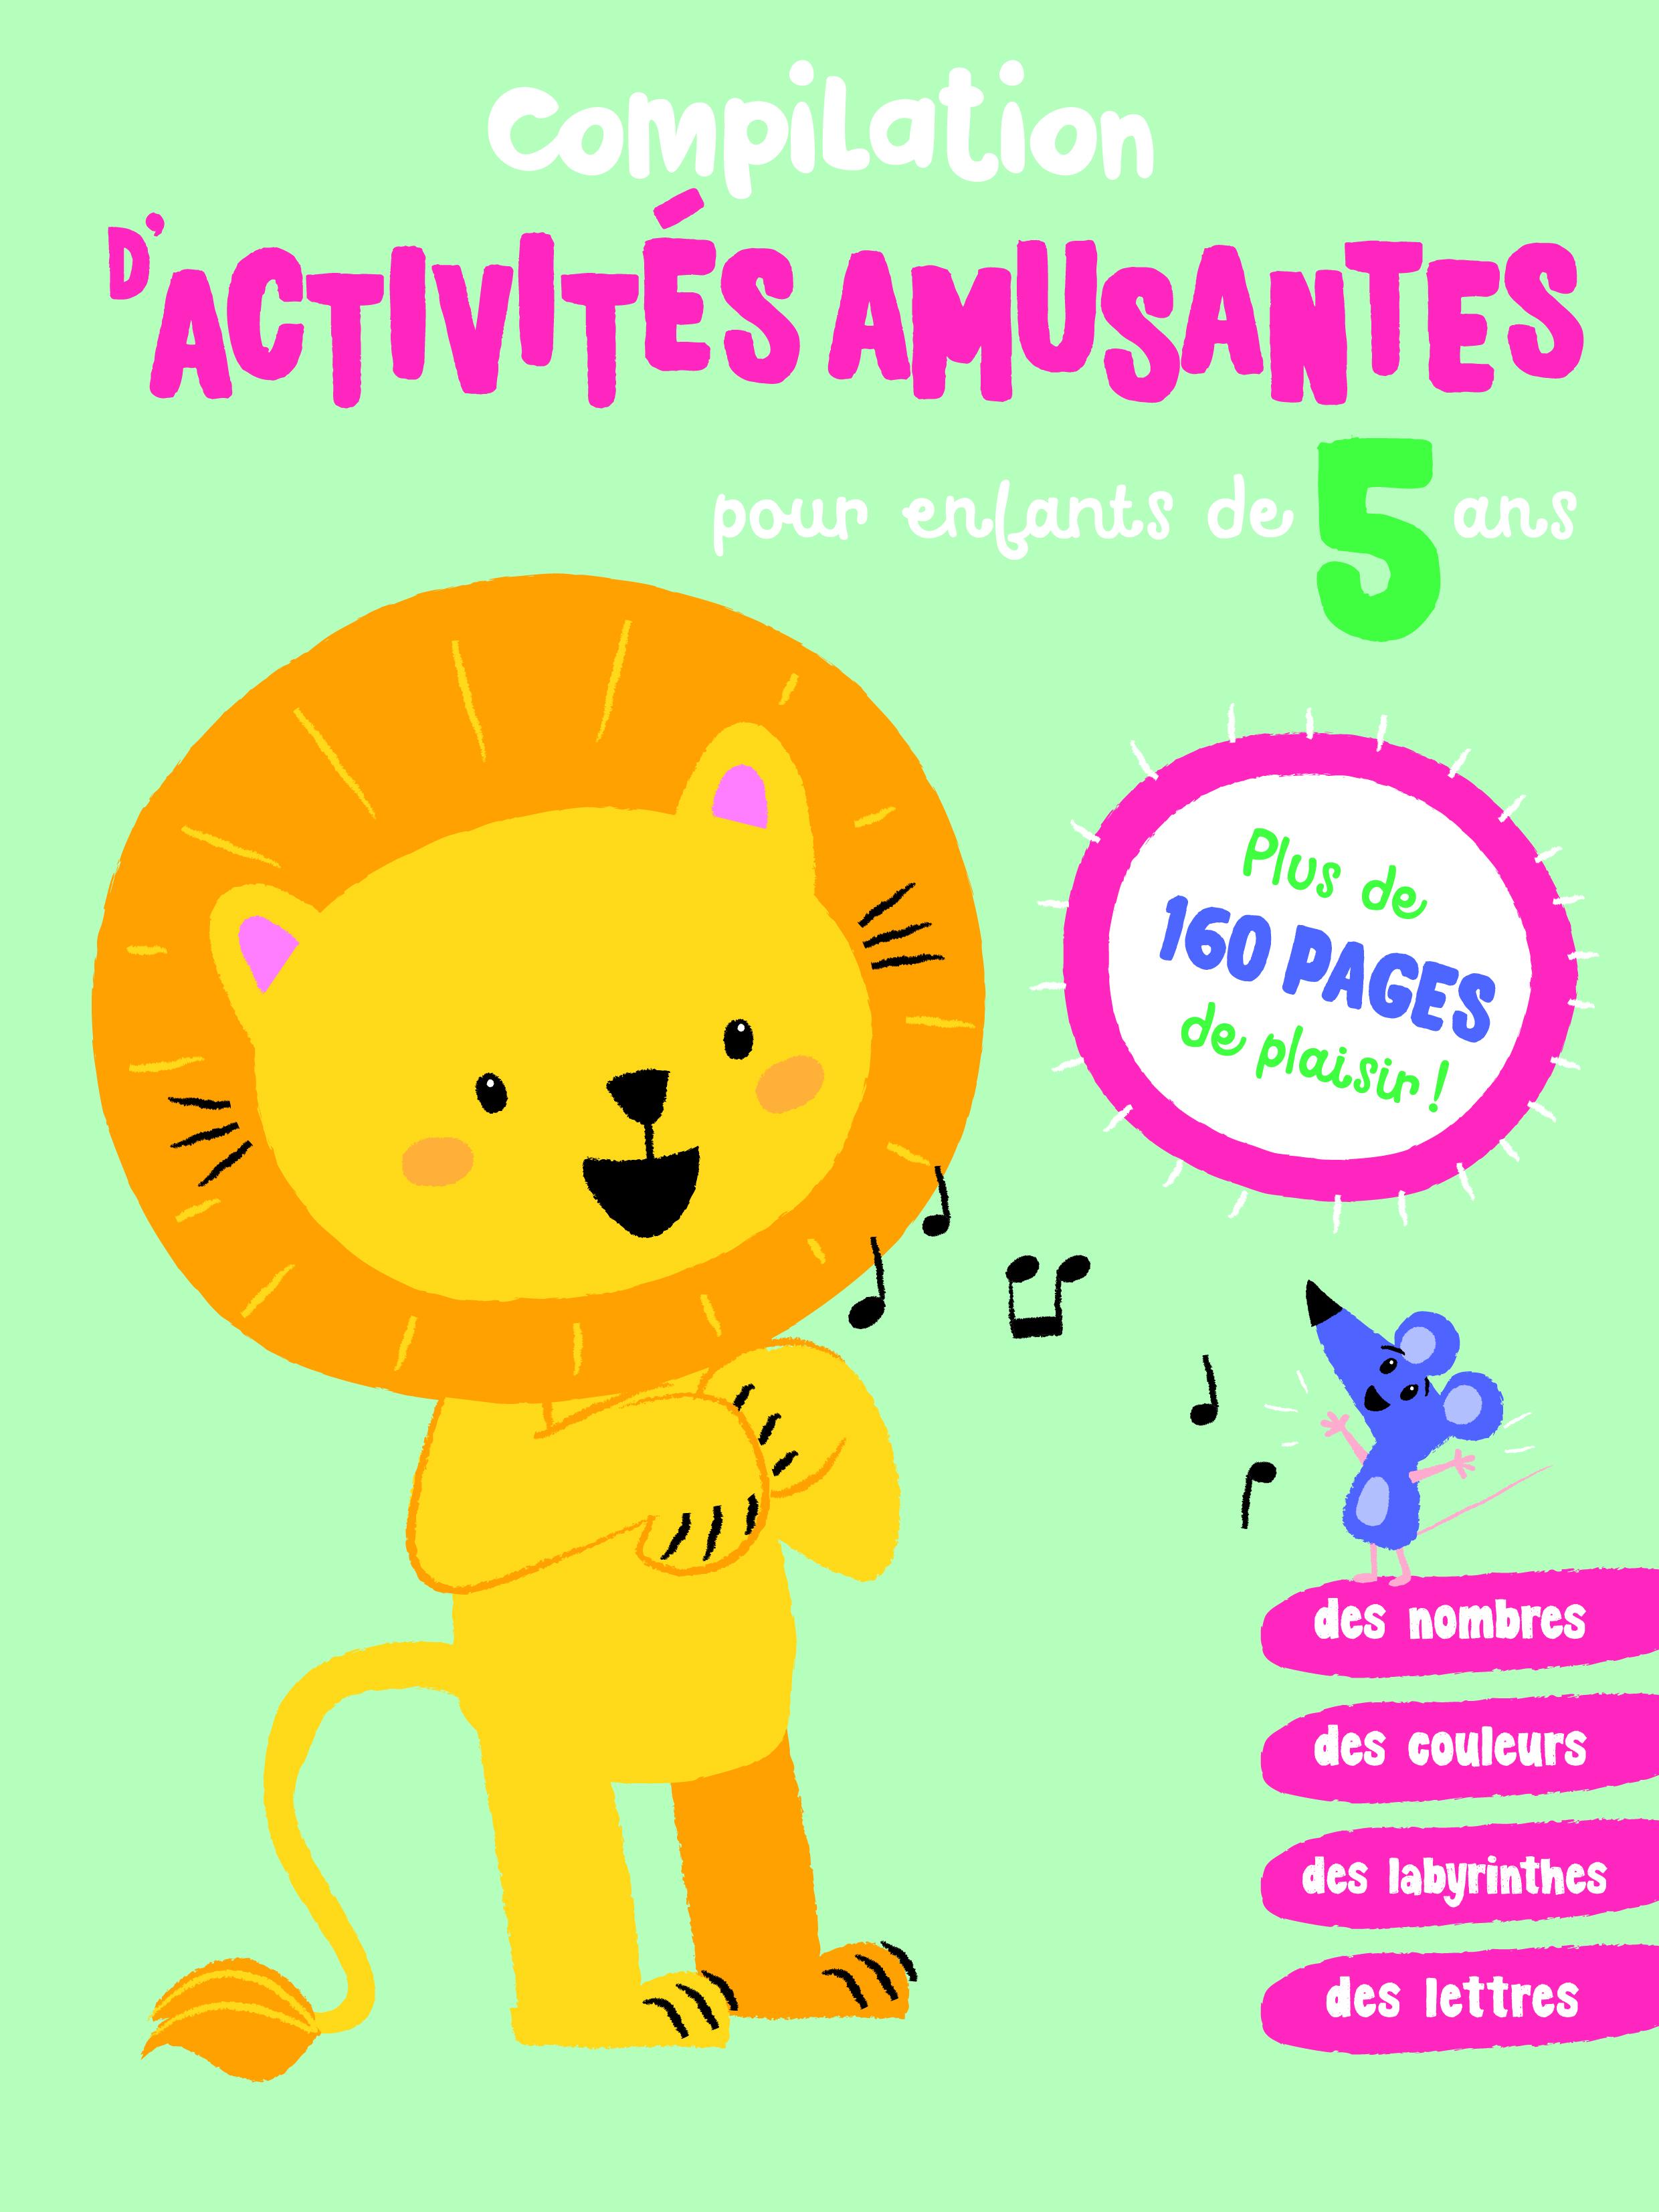 COMPILATION D'ACTIVITES AMUSANTES POUR ENFANTS DE 5 ANS